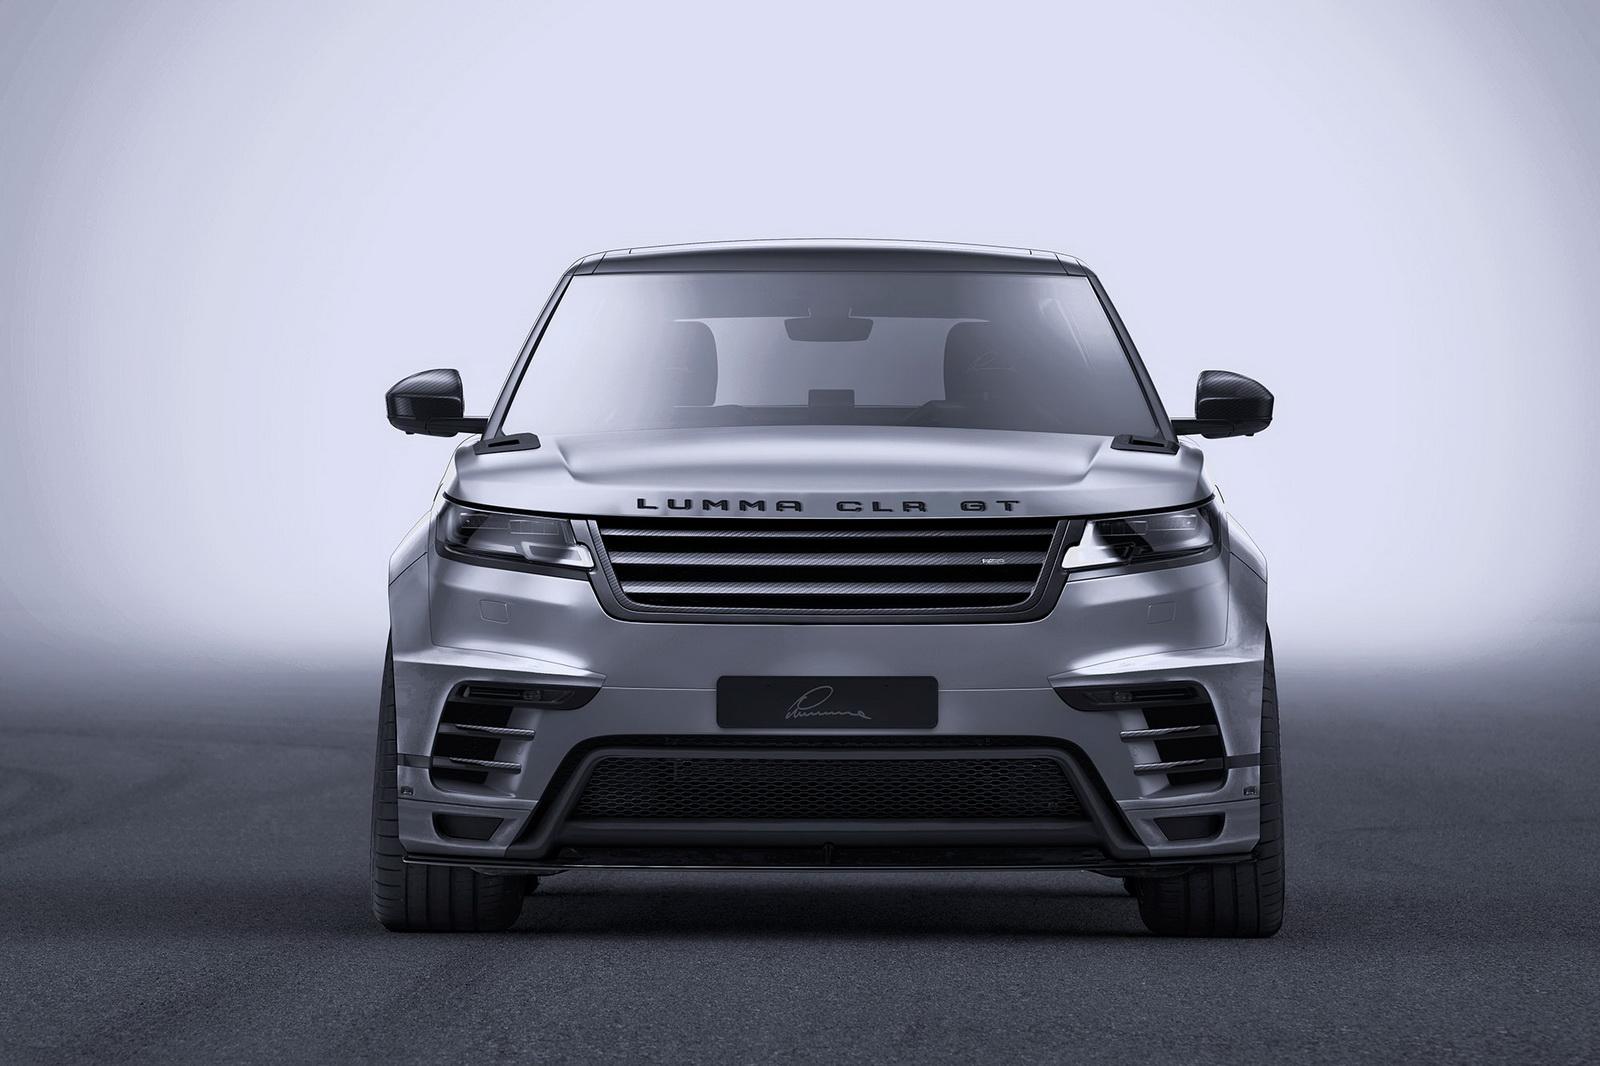 Range_Rover_Velar_By_Lumma_0003